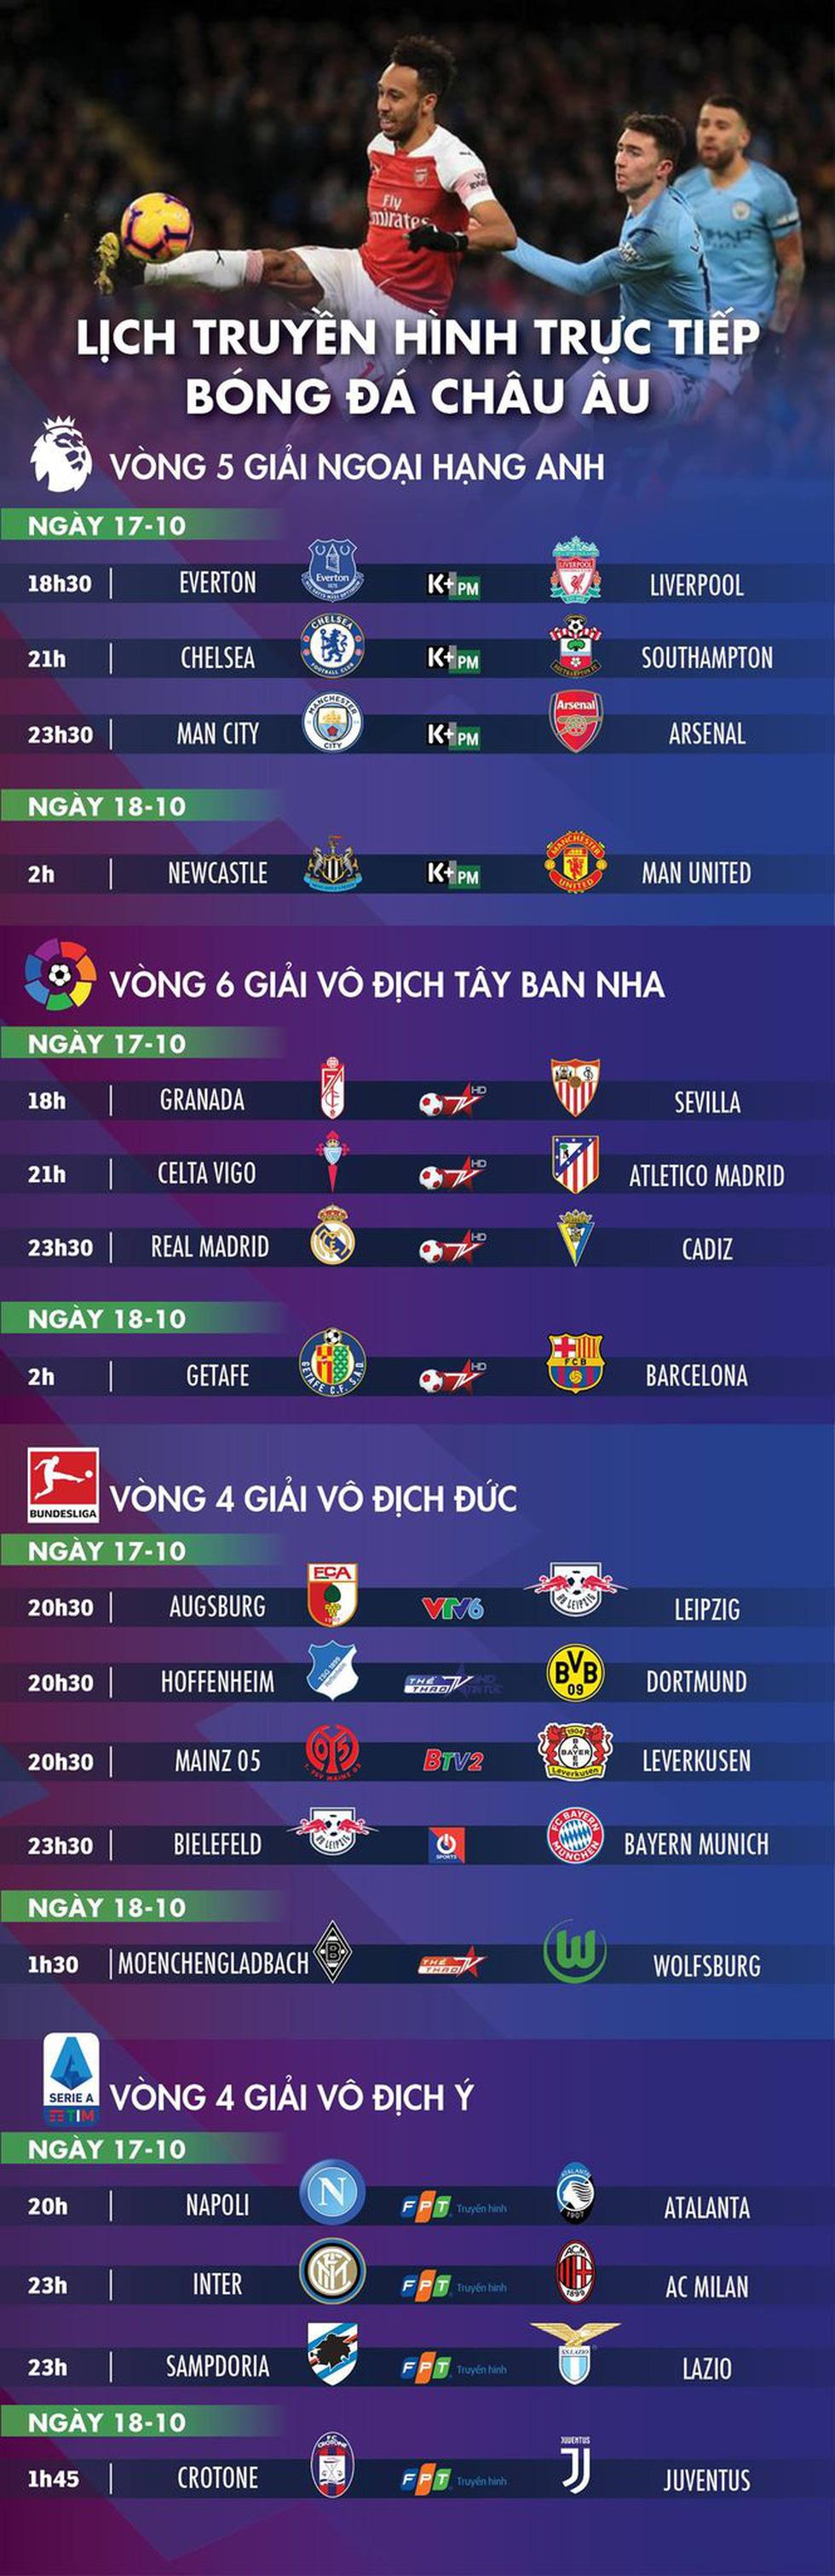 Lịch trực tiếp bóng đá châu Âu ngày 17-10: Đại chiến Everton - Liverpool - Ảnh 1.